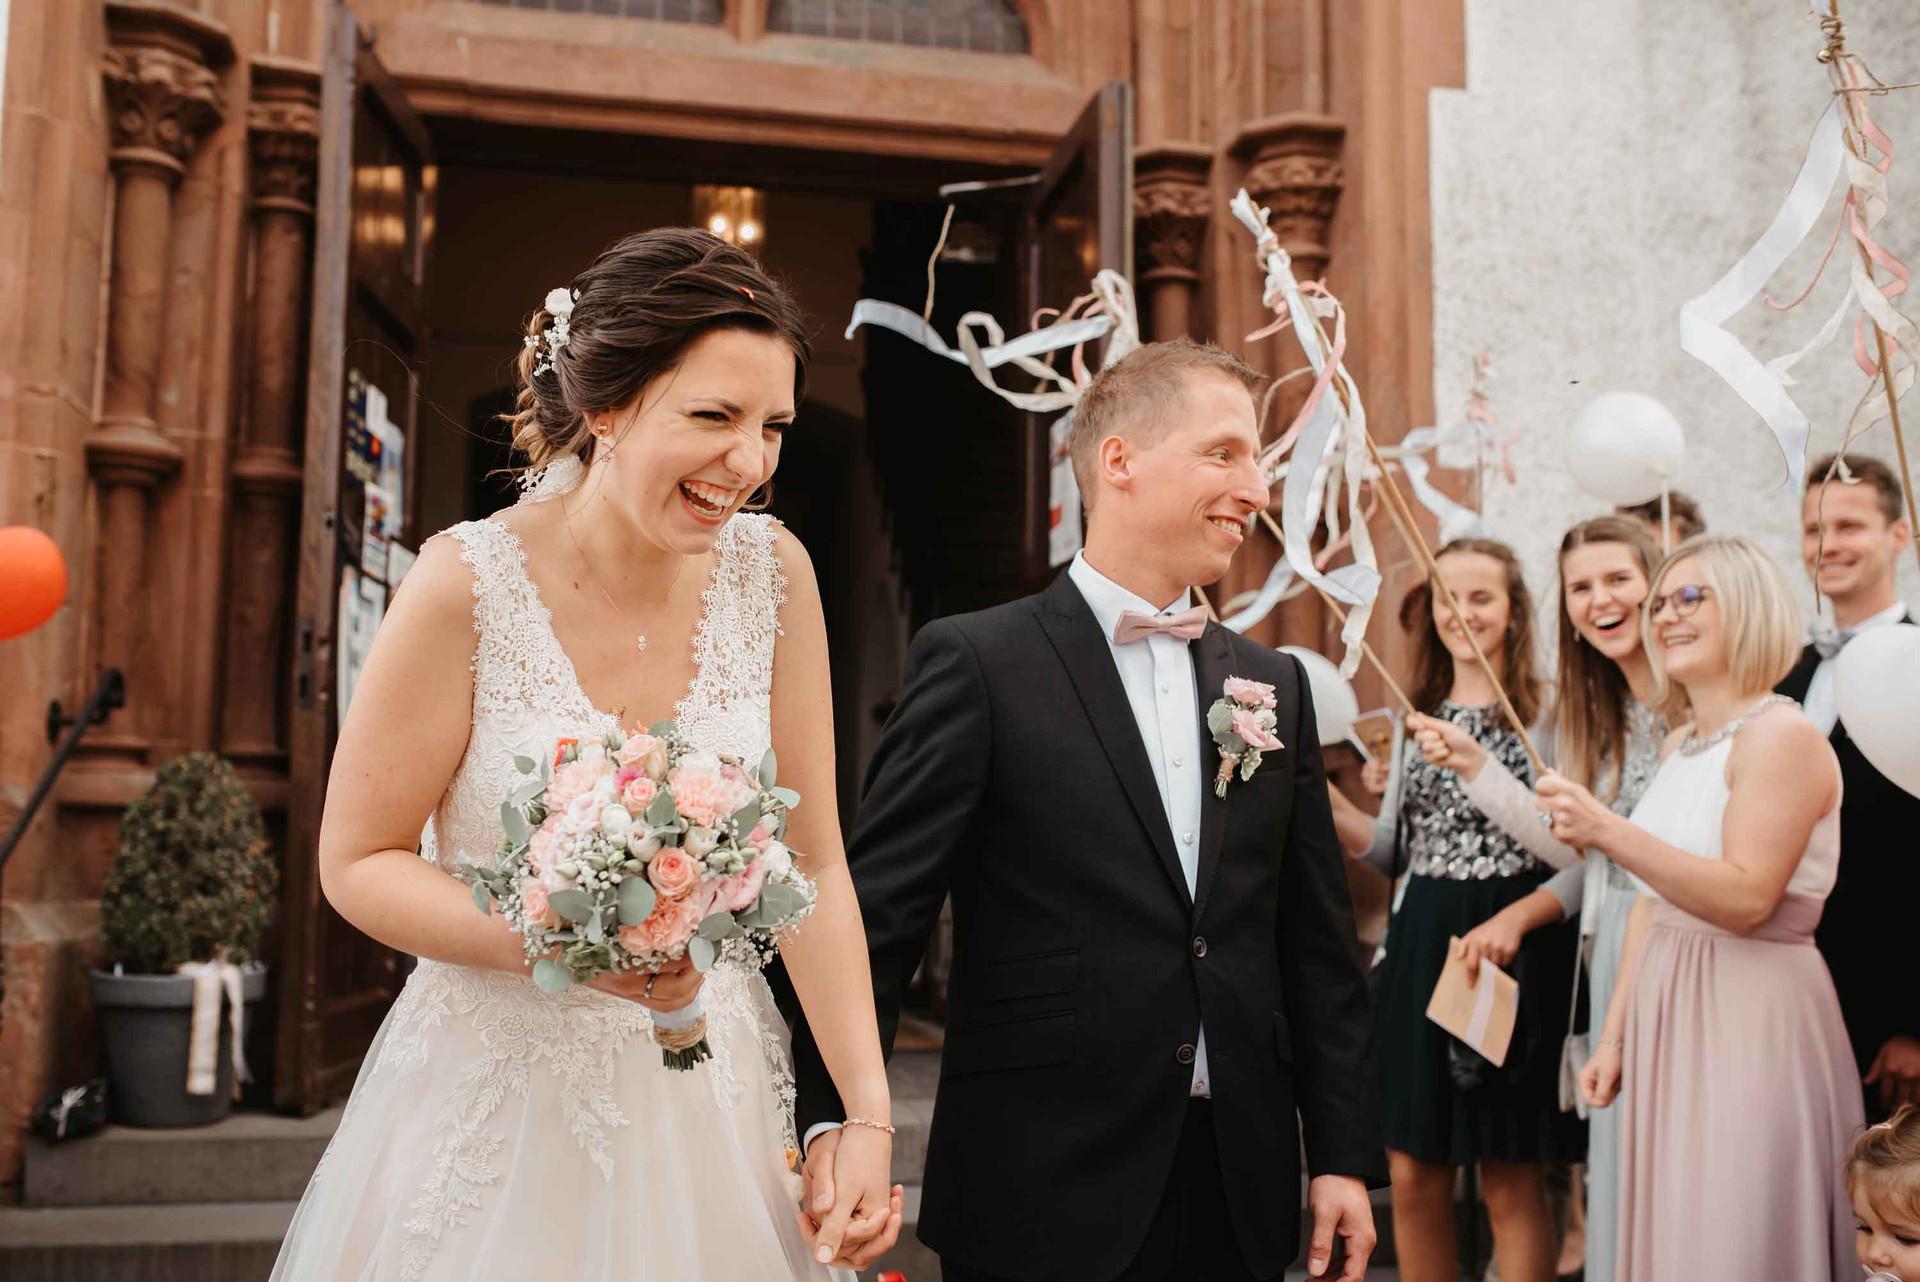 Brautpaar.Auszug.Kirche.Empfang.jpg